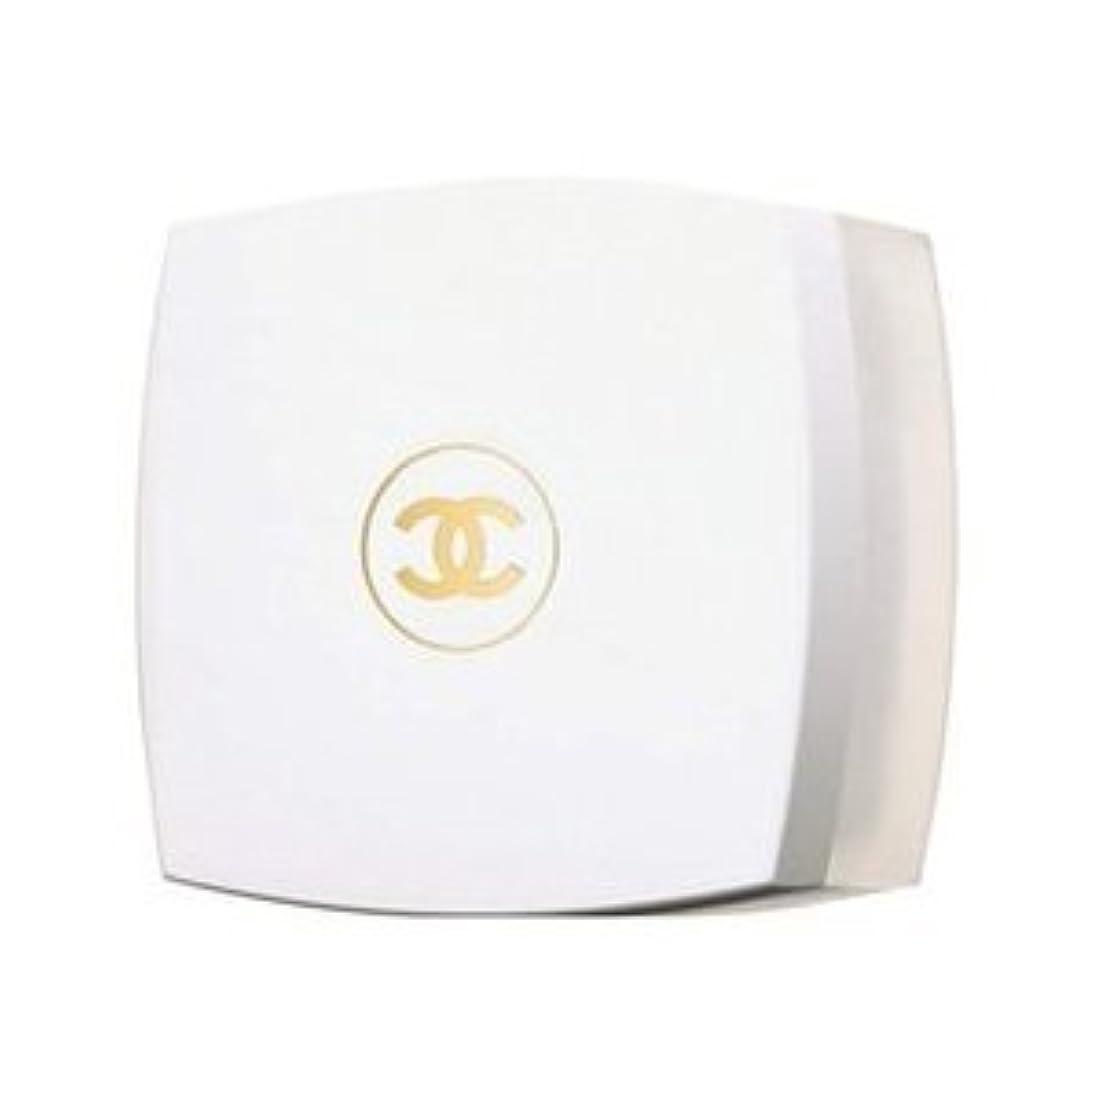 独立した送料のれんシャネル CHANEL ココ マドモアゼル フレッシュ ボディ クリーム 150g